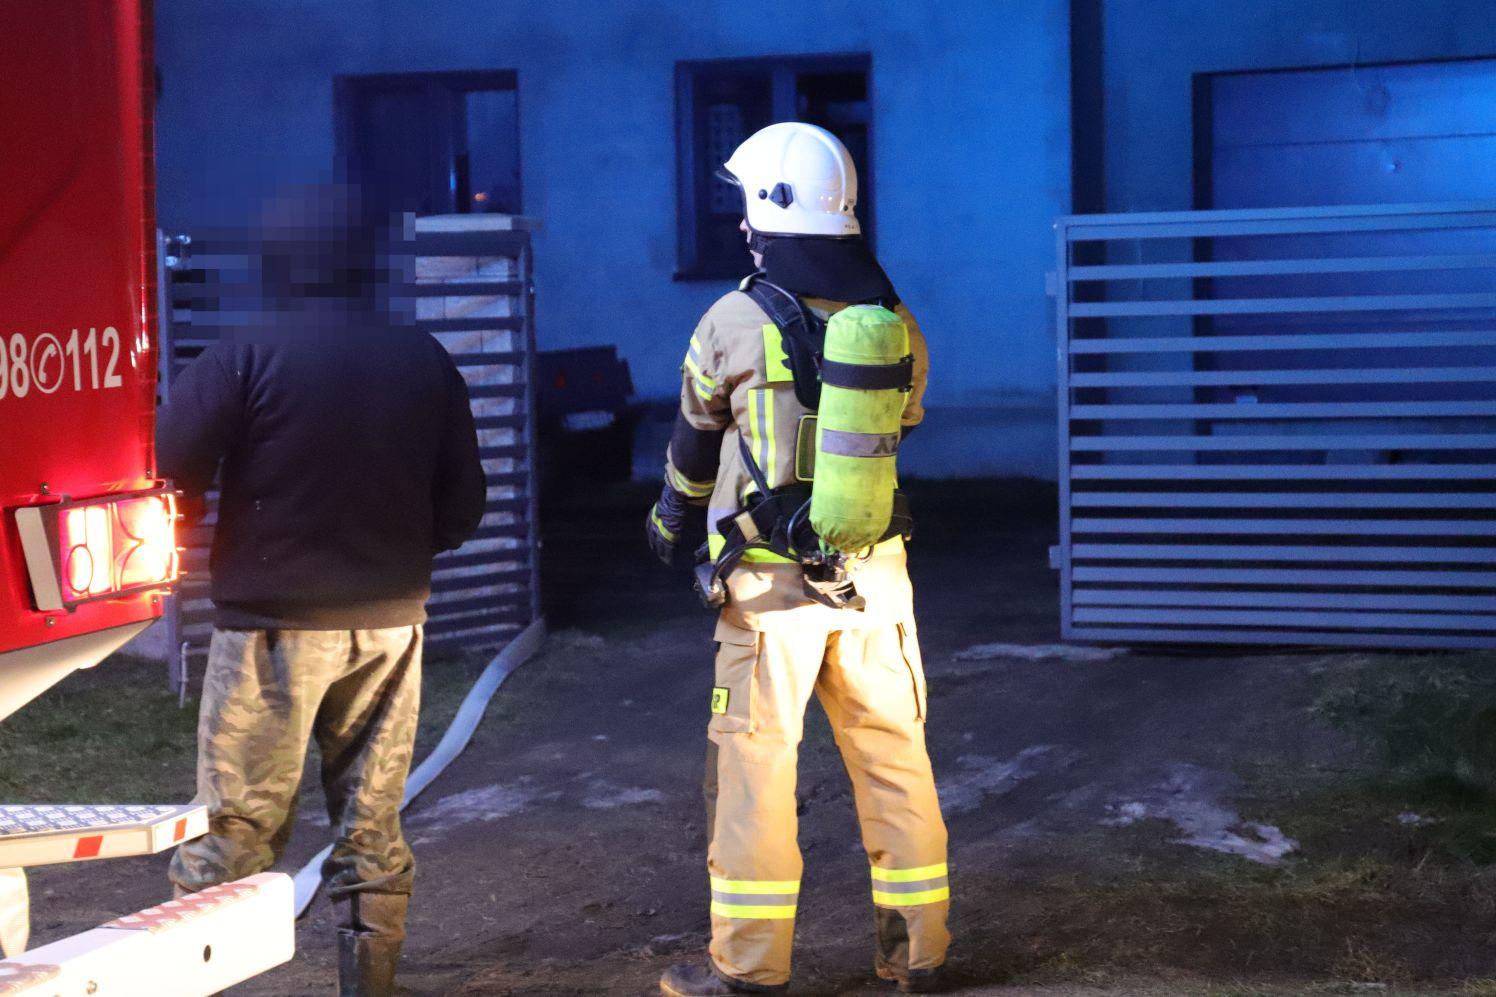 [FOTO] Pożar w domu jednorodzinnym. Jedna osoba poszkodowana - Zdjęcie główne